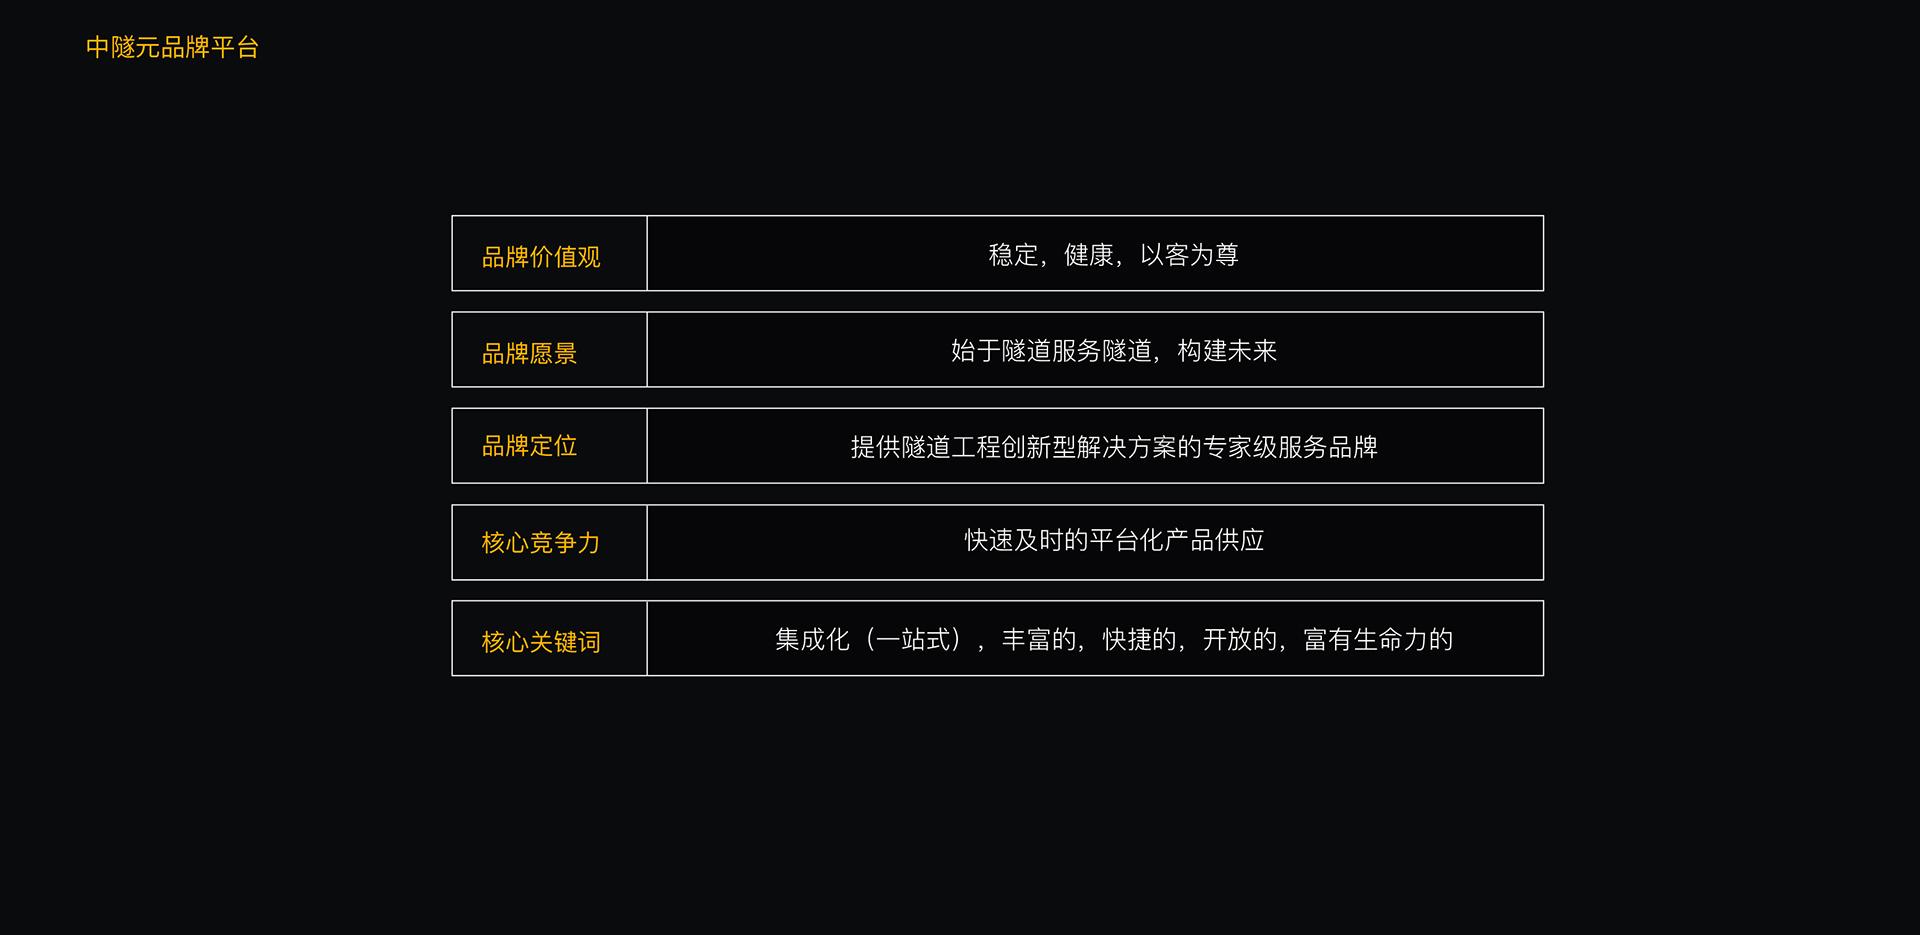 201007-中燧元案例-03.jpg